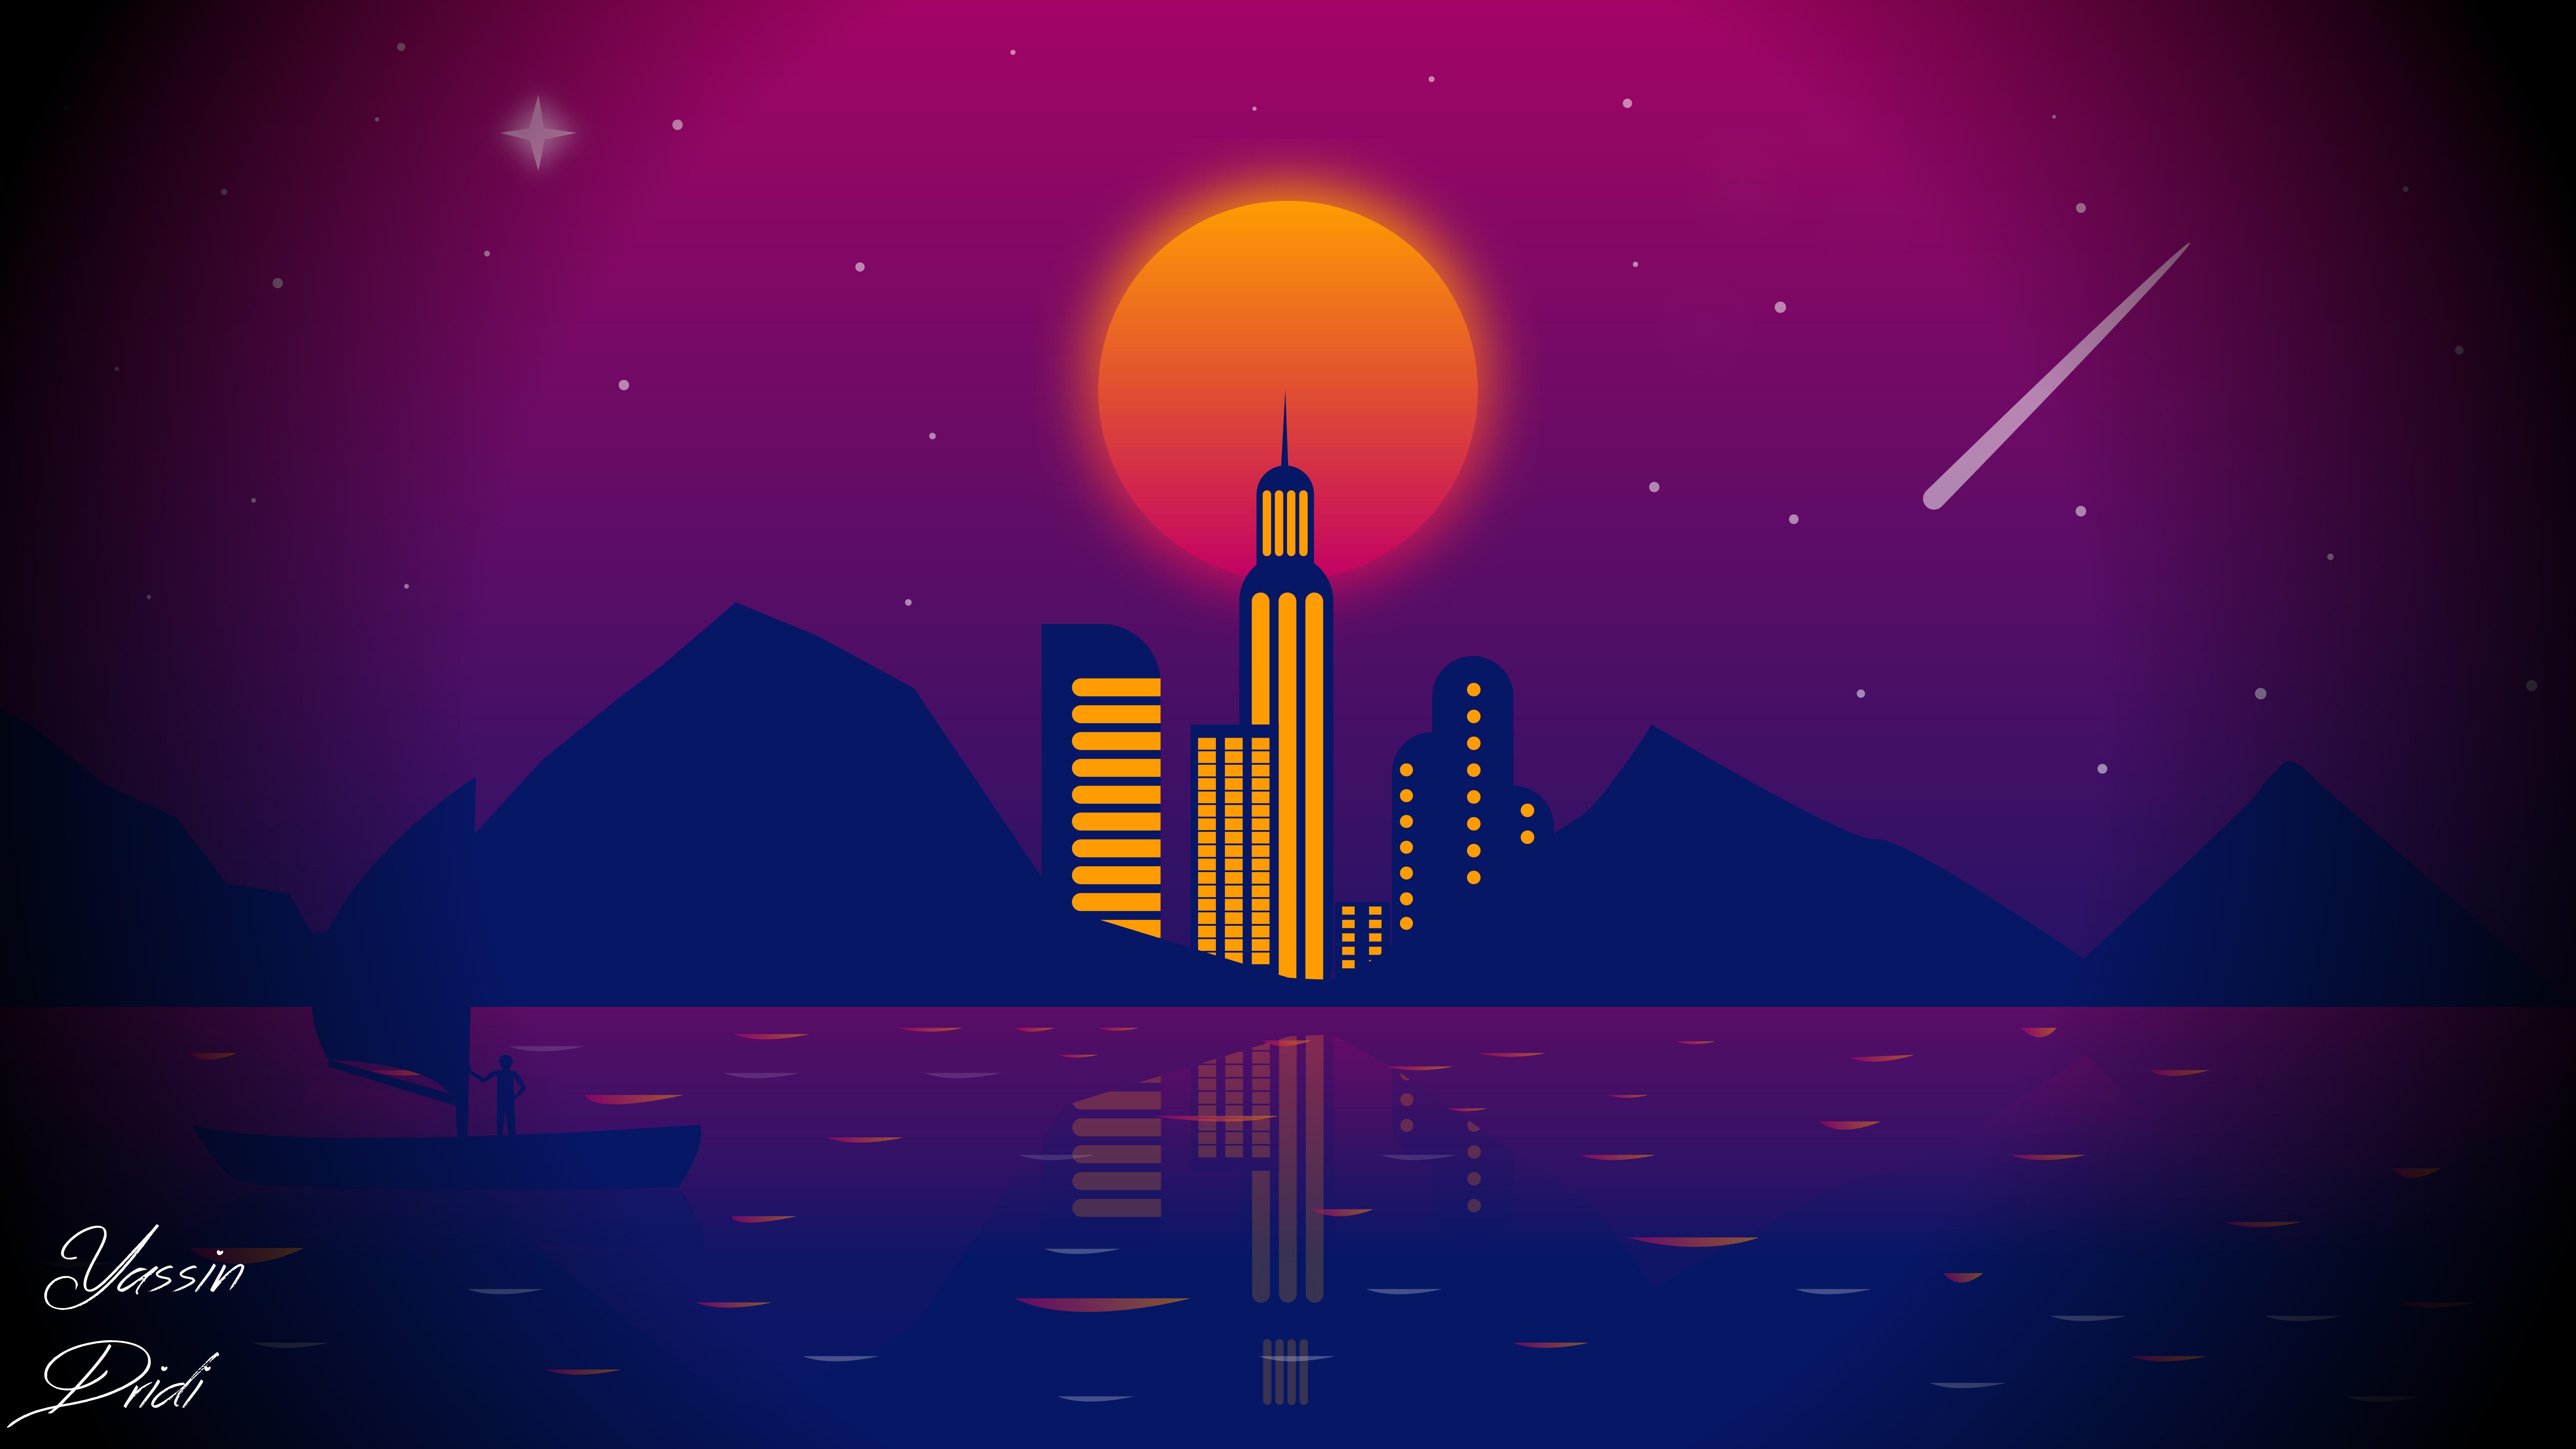 63372 завантажити шпалери Вектор, Арт, Ніч, Місяць, Місто - заставки і картинки безкоштовно